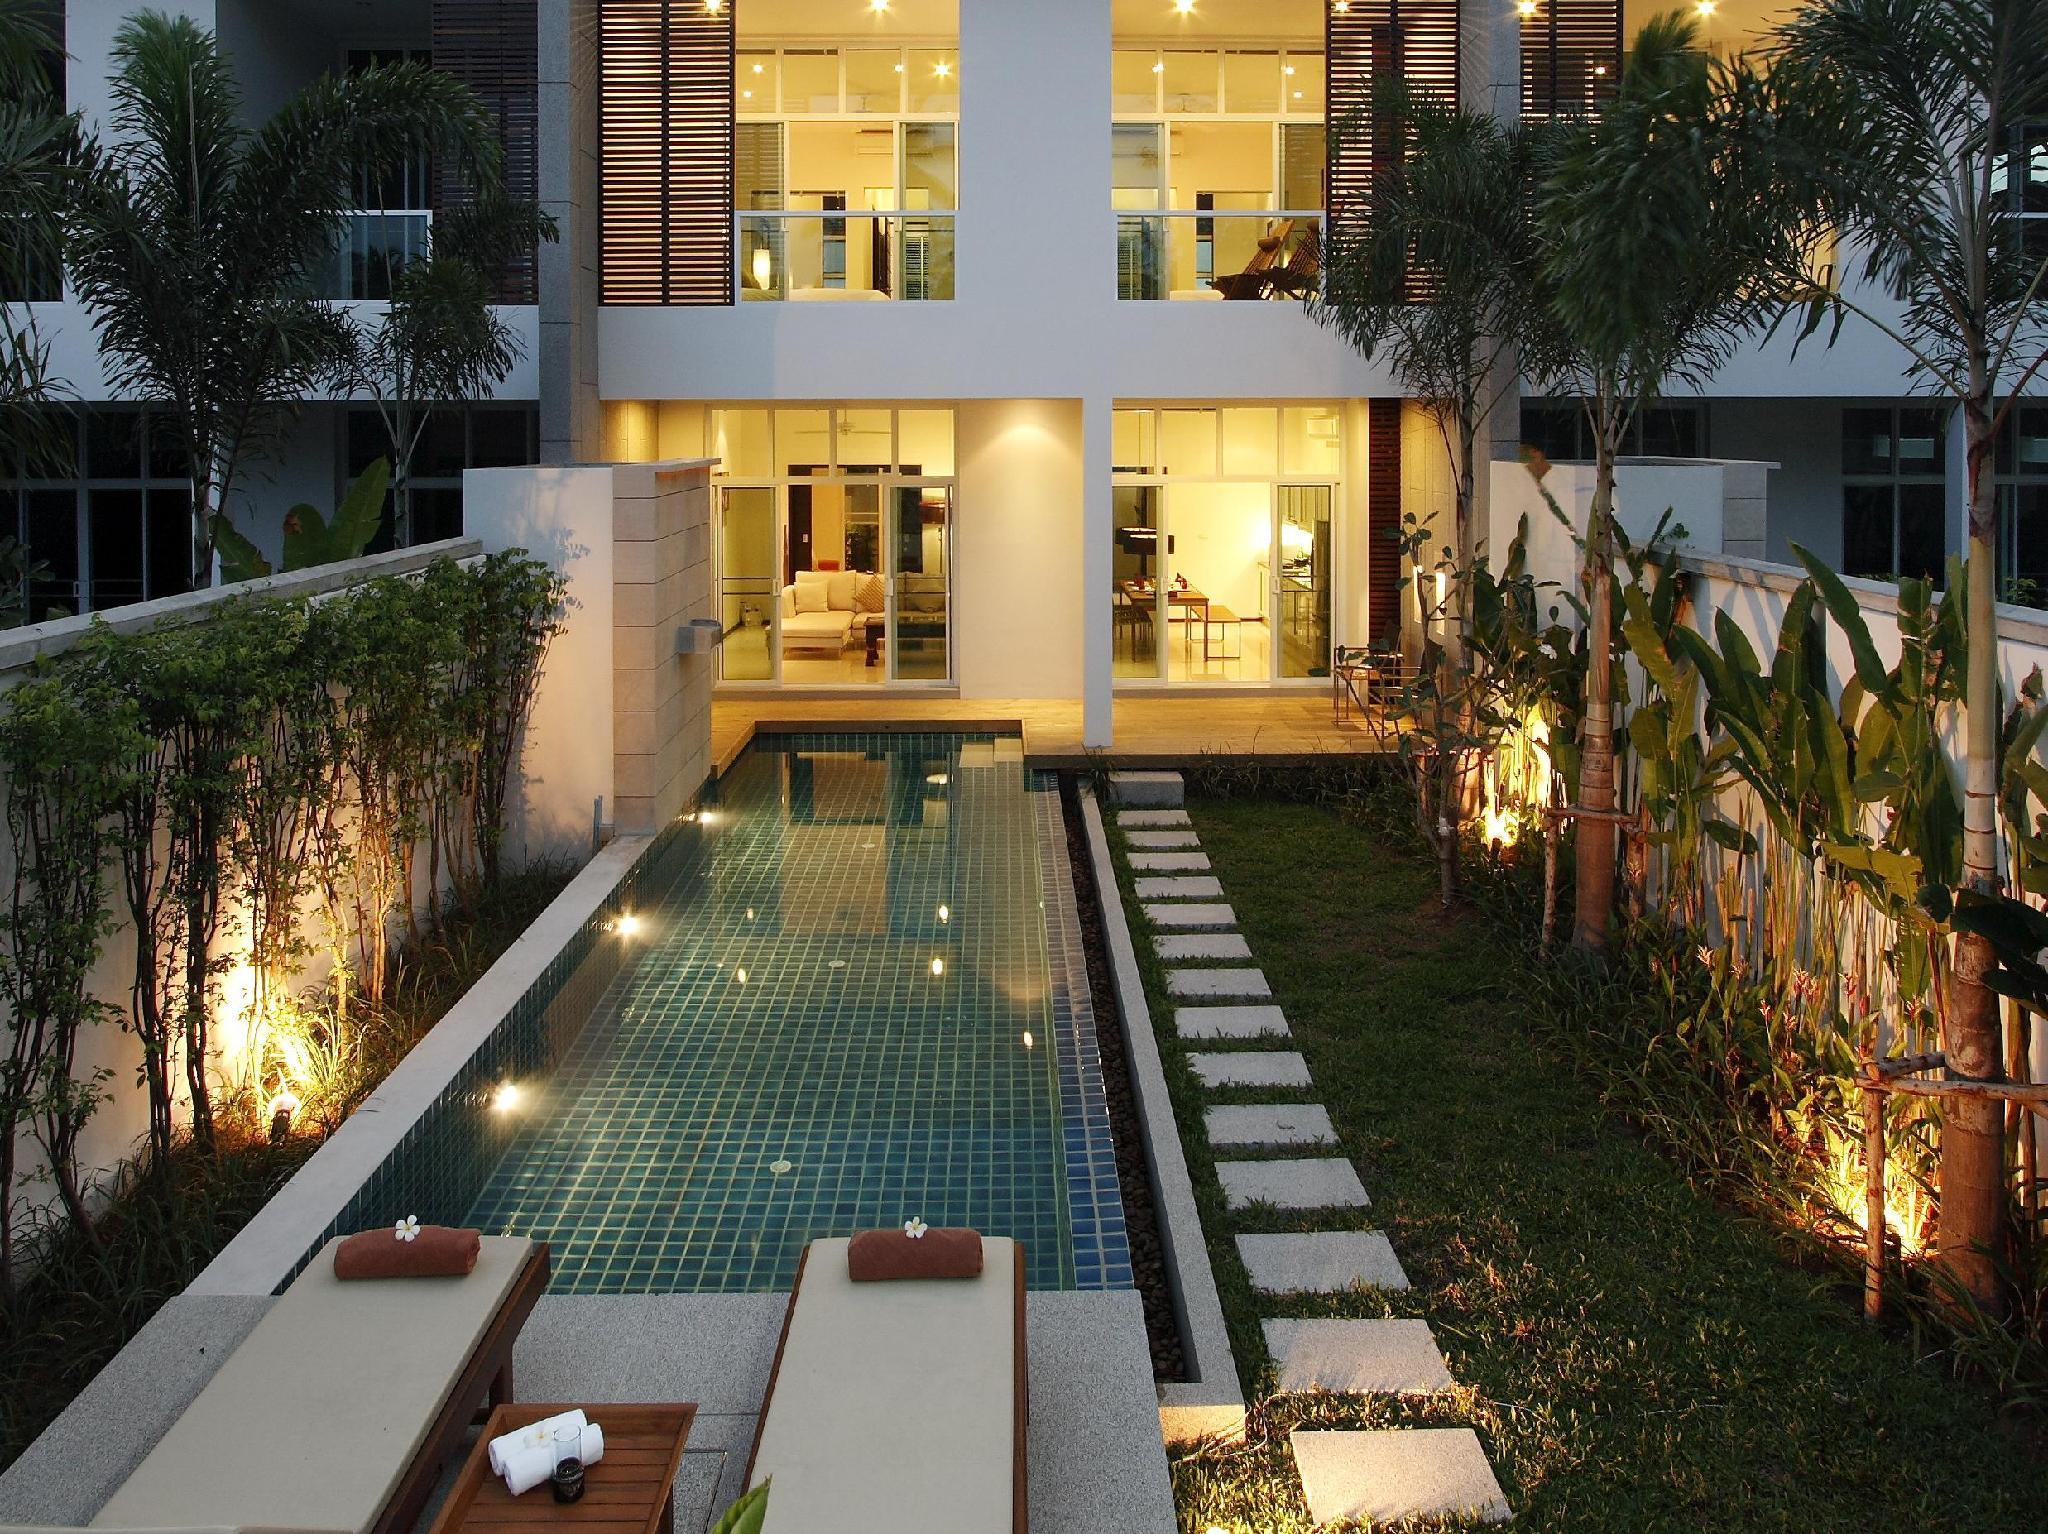 Hotell Two Villas Holiday Phuket: Oxygen Style Nai Harn Beach i Naiharn, Phuket. Klicka för att läsa mer och skicka bokningsförfrågan